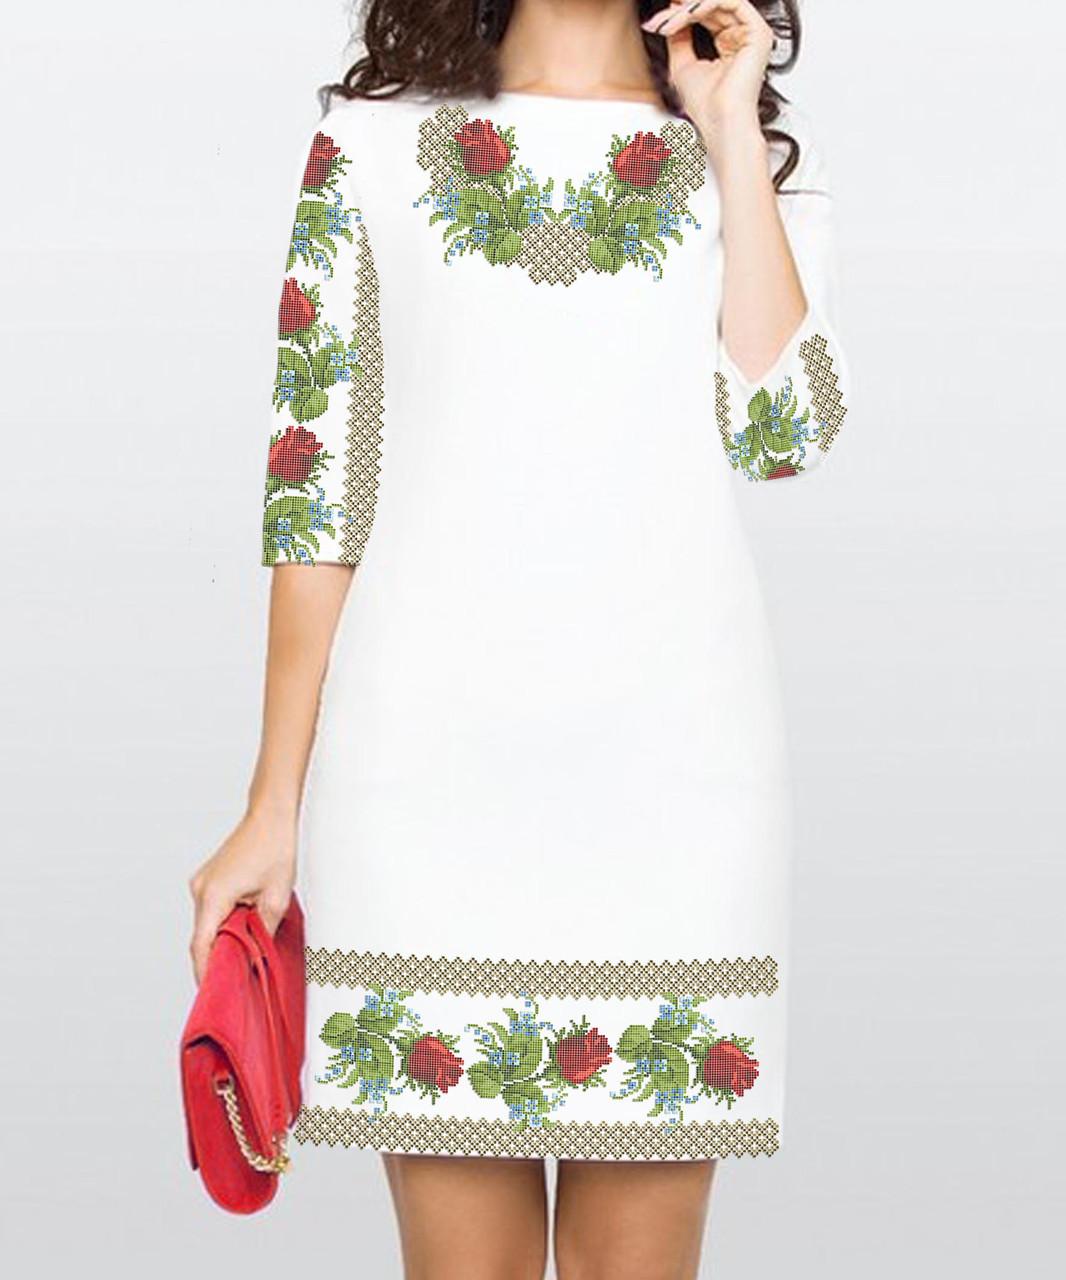 Заготовка женского платья для вышивки / вышивания бисером / ниткой «Рози і незабудки»